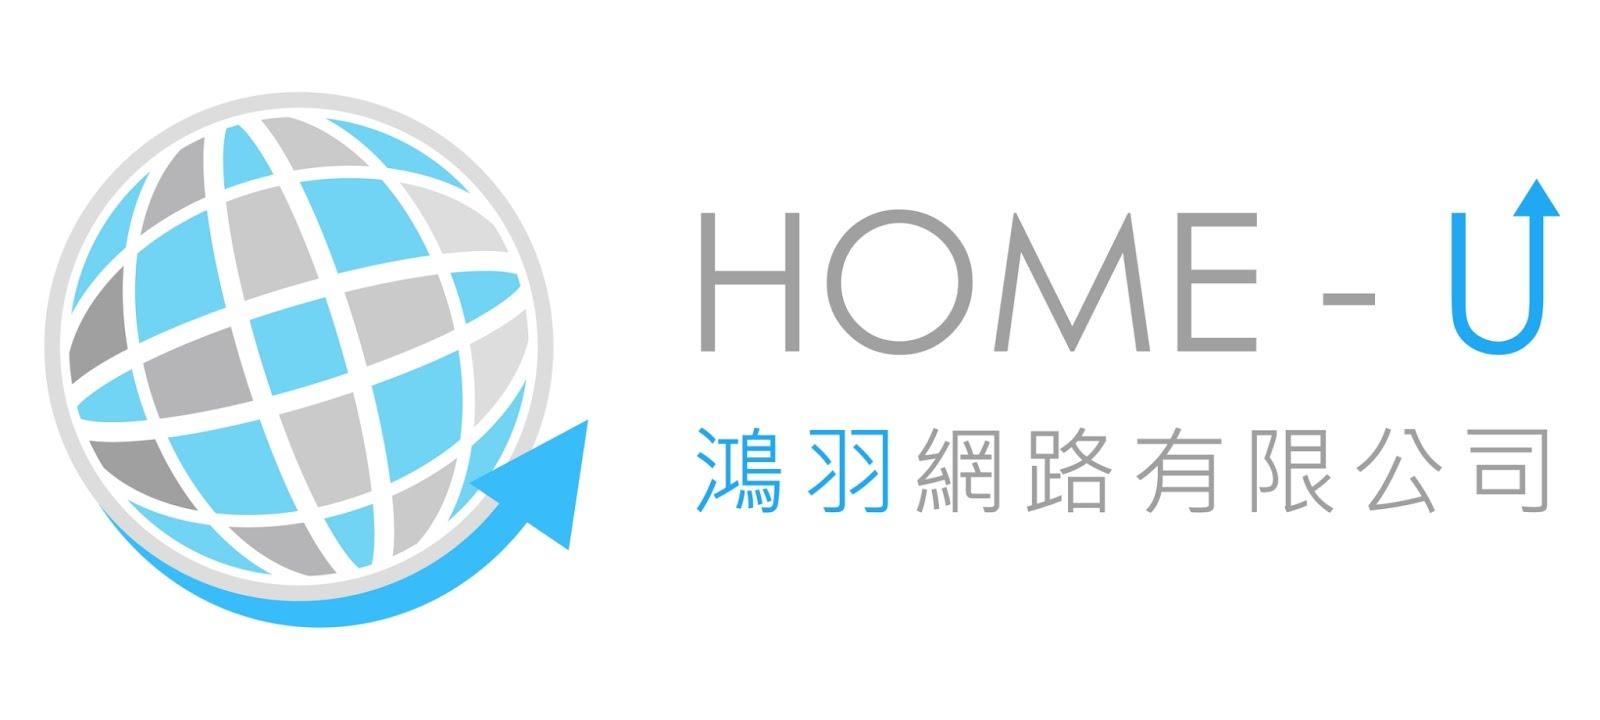 台南網頁設計【鴻羽網路】台南SEO排名|專業SEO優化、SEO排名公司